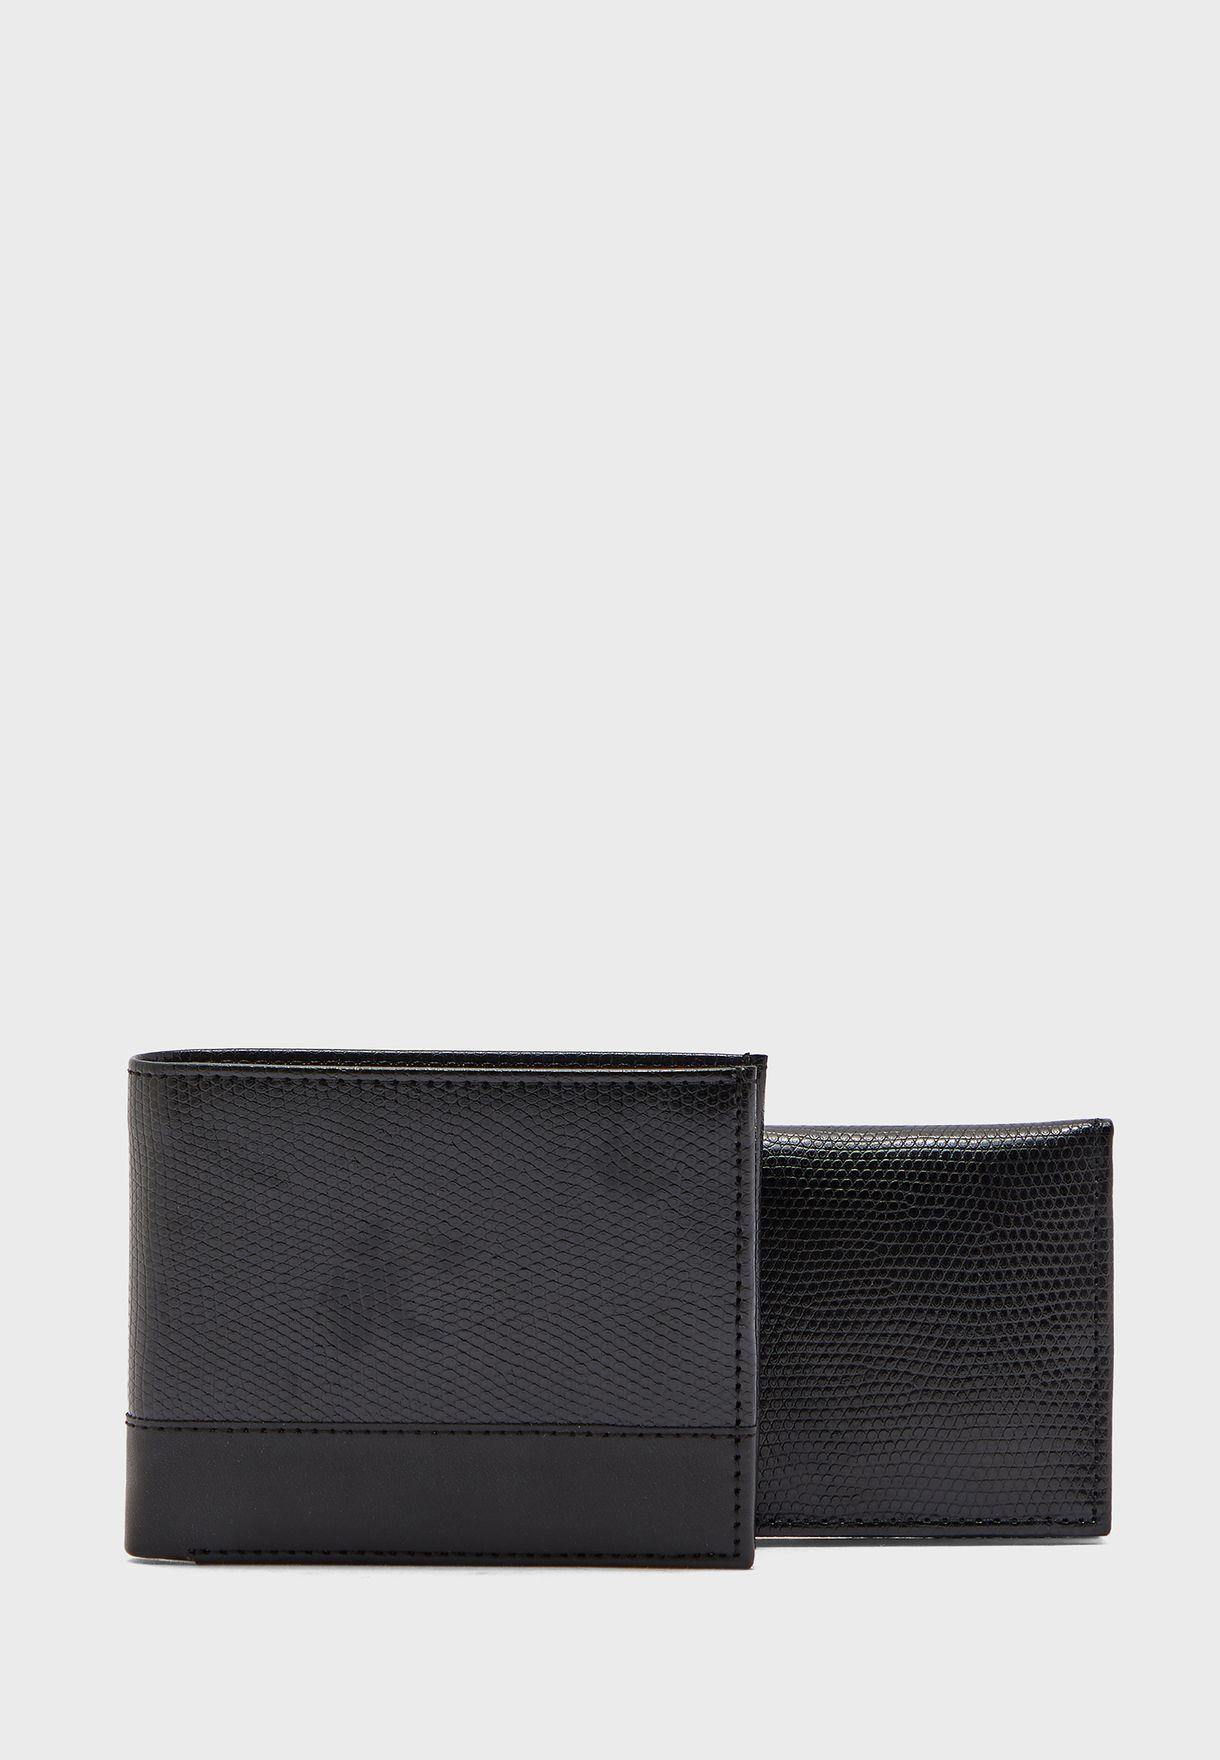 طقم هدايا 2 في 1 محفظة نقود ومحفظة بطاقات